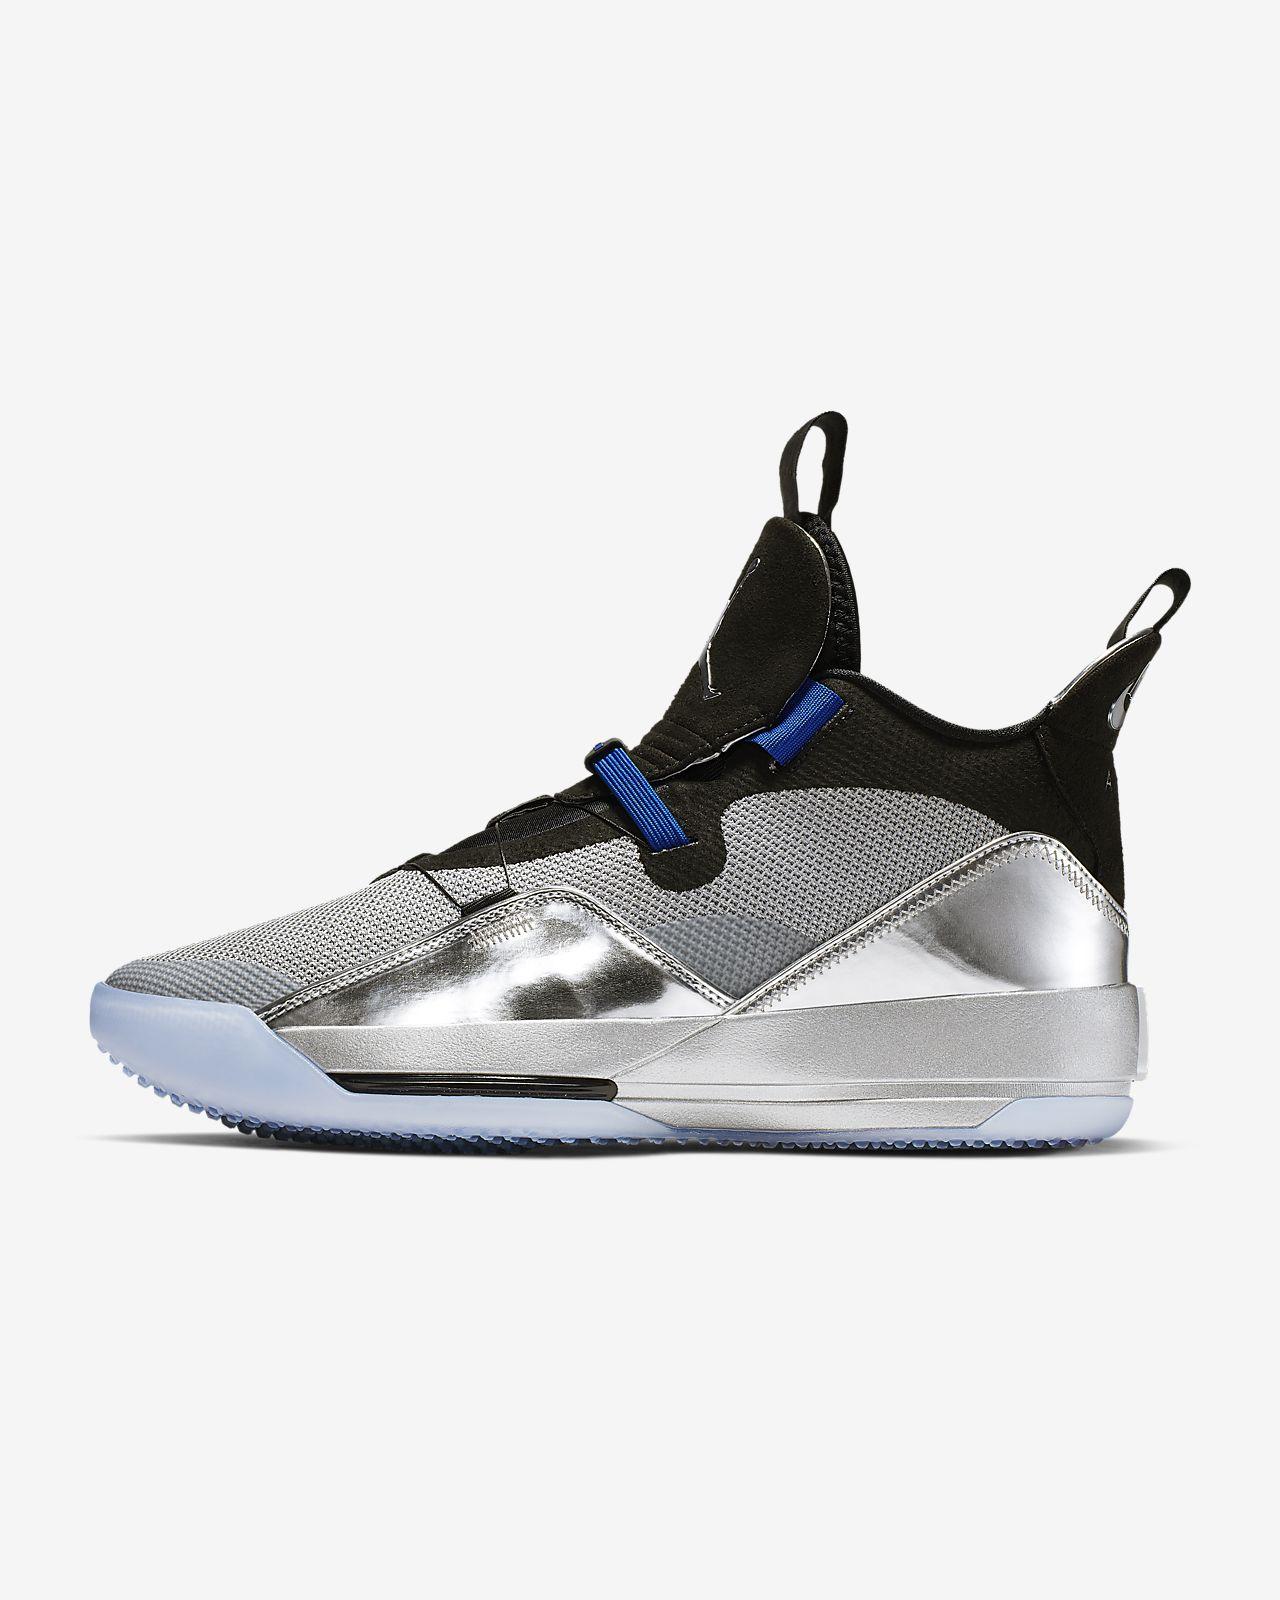 huge selection of 3467e 7271f ... Air Jordan XXXIII-basketballsko til mænd